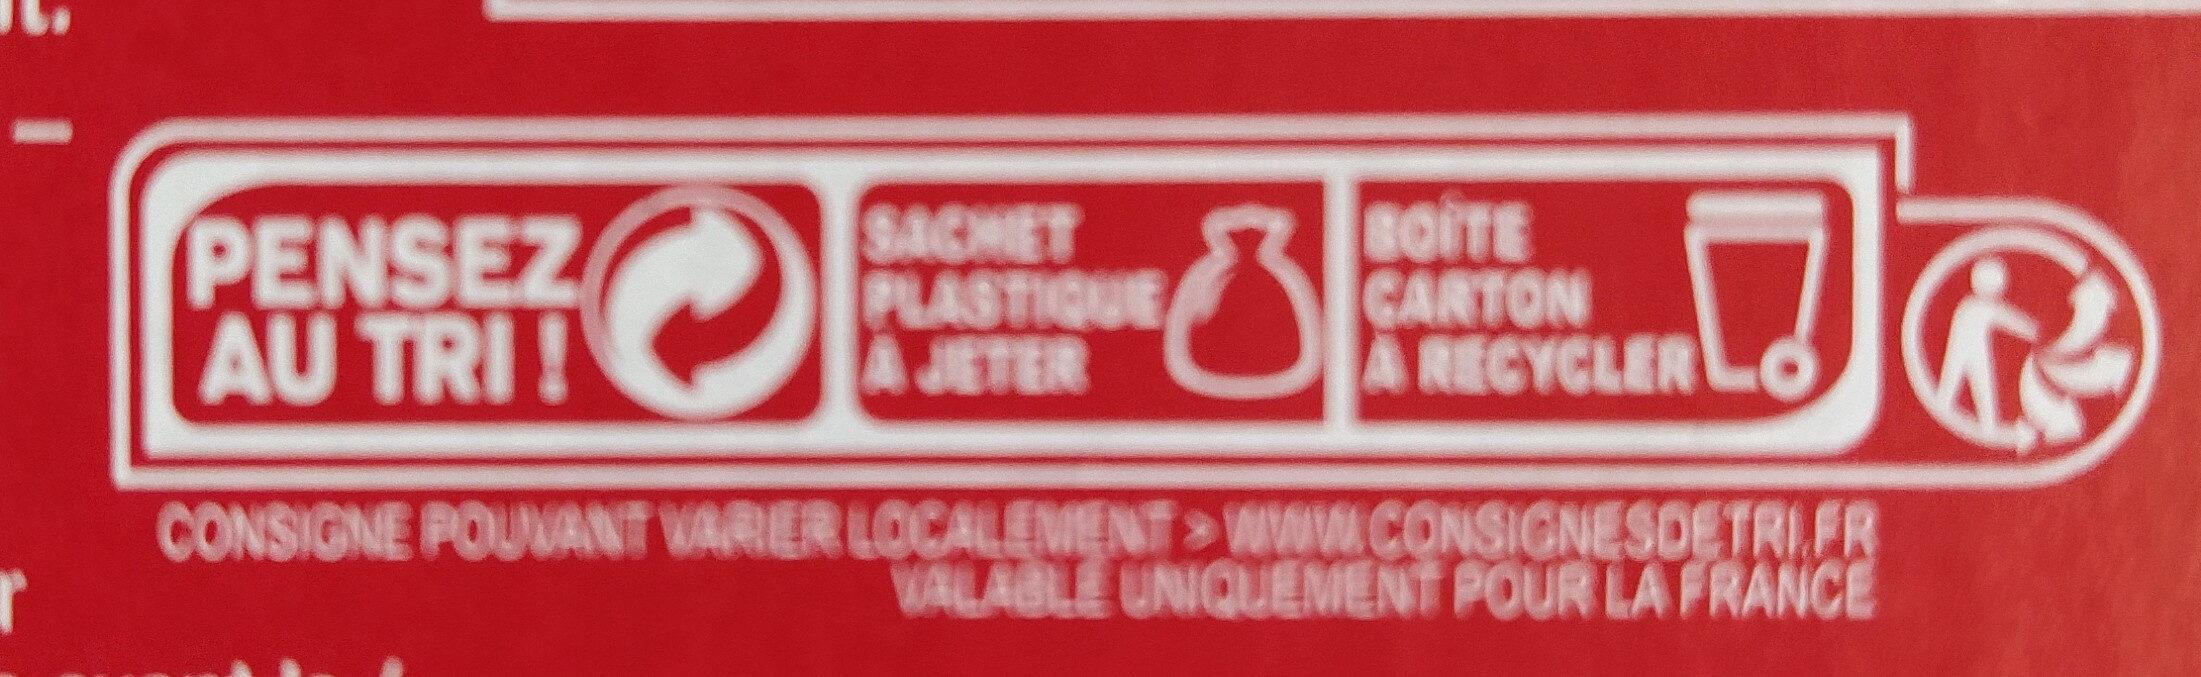 Bâtonnets pâtes de fruits - Instruction de recyclage et/ou informations d'emballage - fr